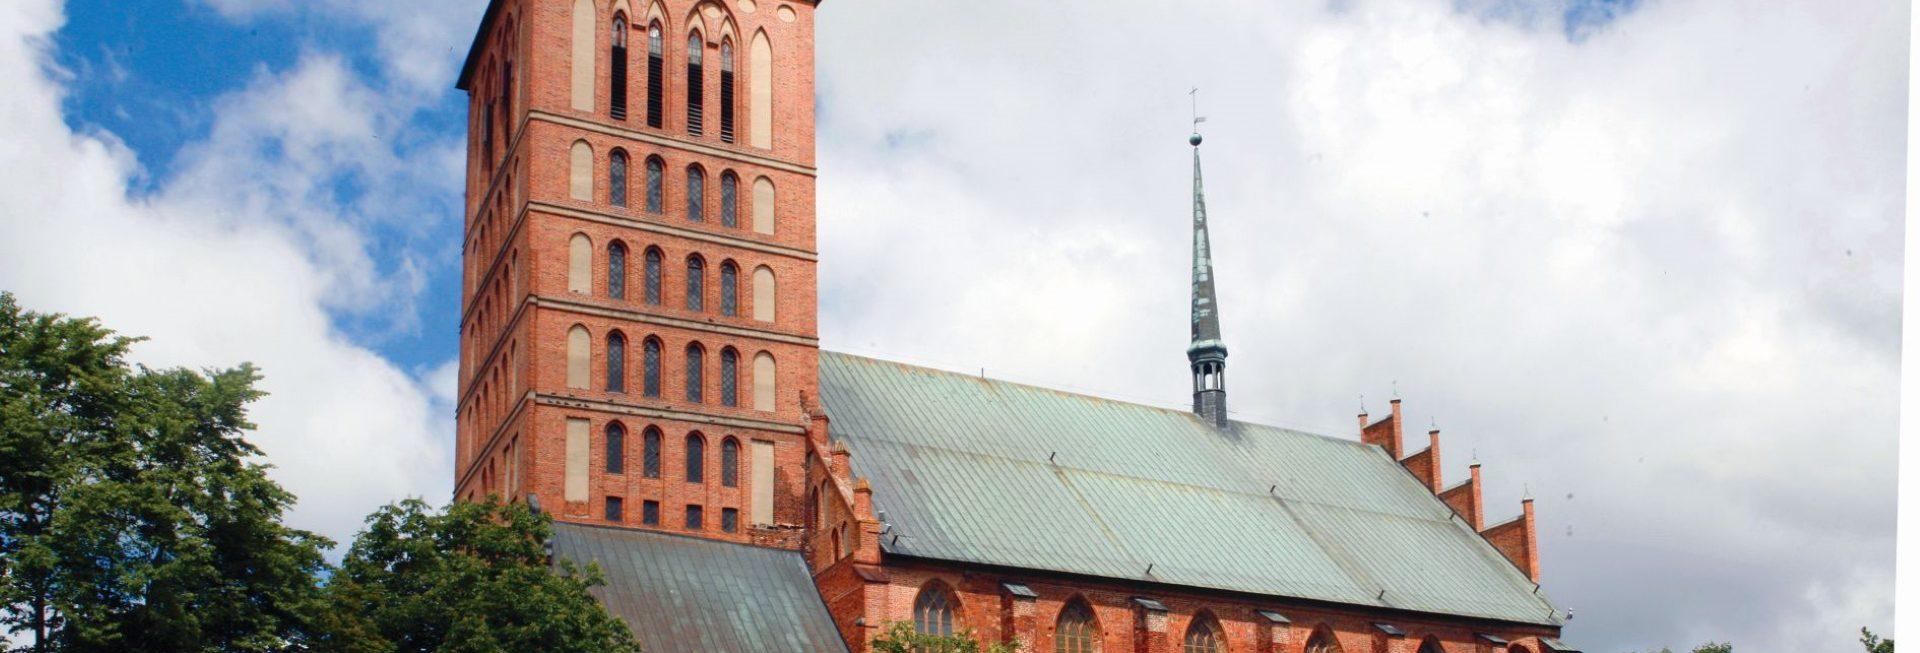 Zdjęcie Bazyliki Św. Katarzyny Aleksandryjskiej w Braniewie. Zdjęcie ukazuje z bocznej strony cały budynek Bazyliki.